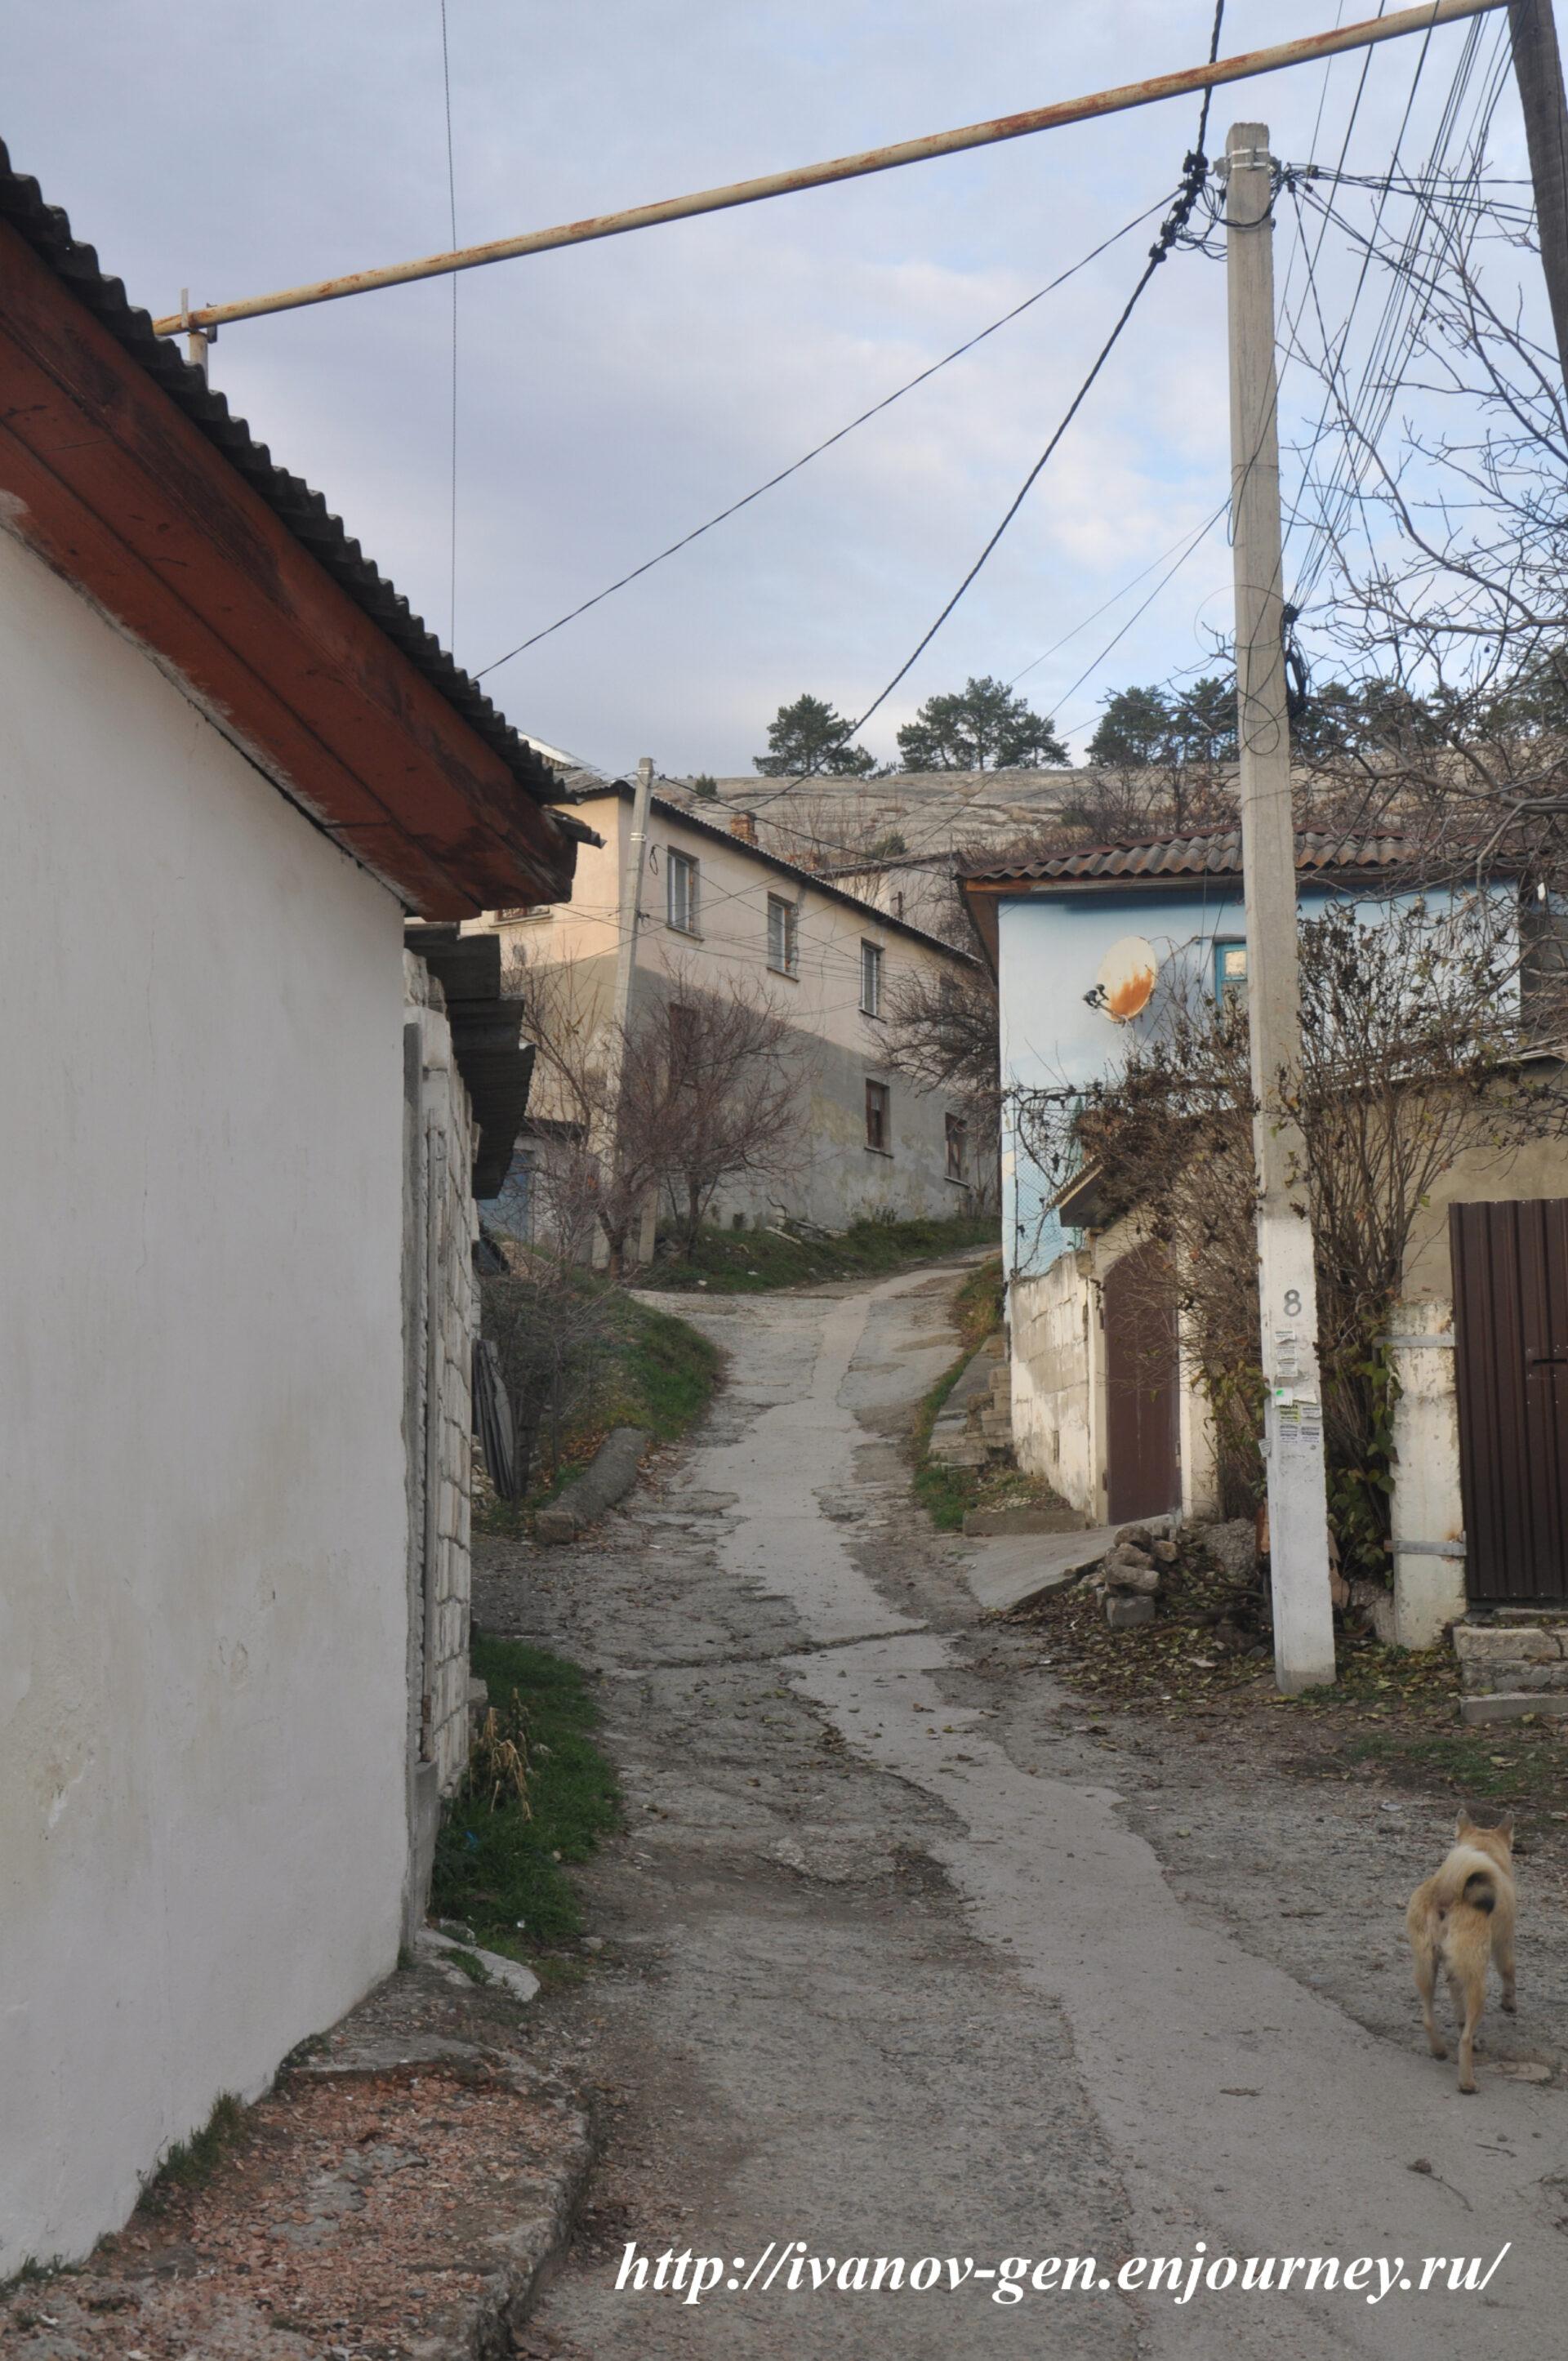 Крымские каникулы. Часть 14 ипоследняя. Всяко-разно, невошедшее никуда